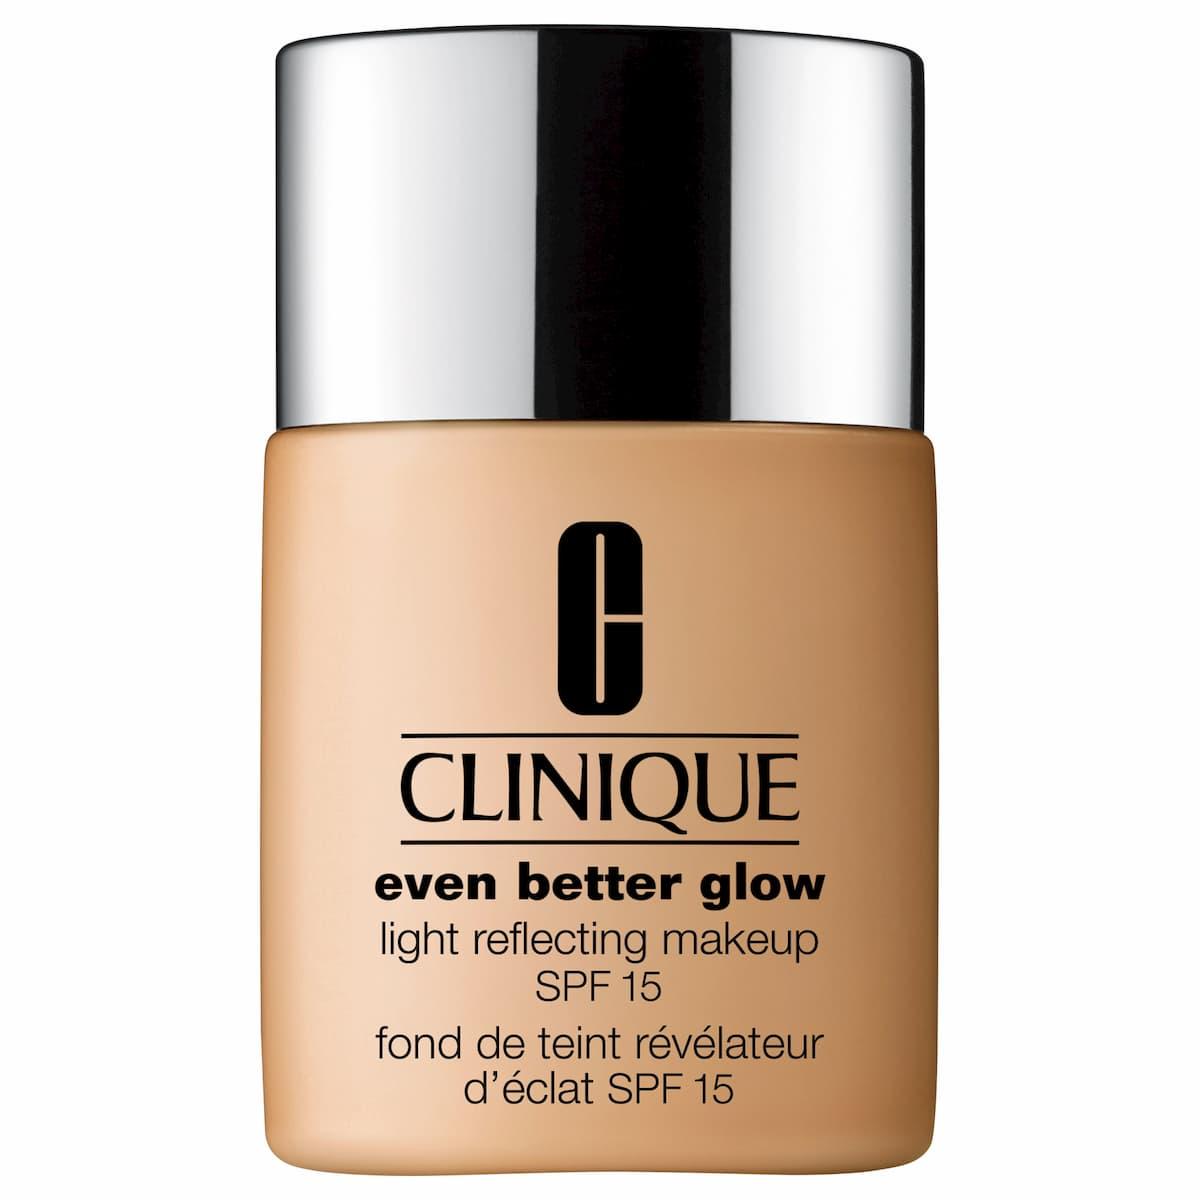 Clinique - Even Better Glow - Fond de Teint Révélateur d'Éclat SPF15